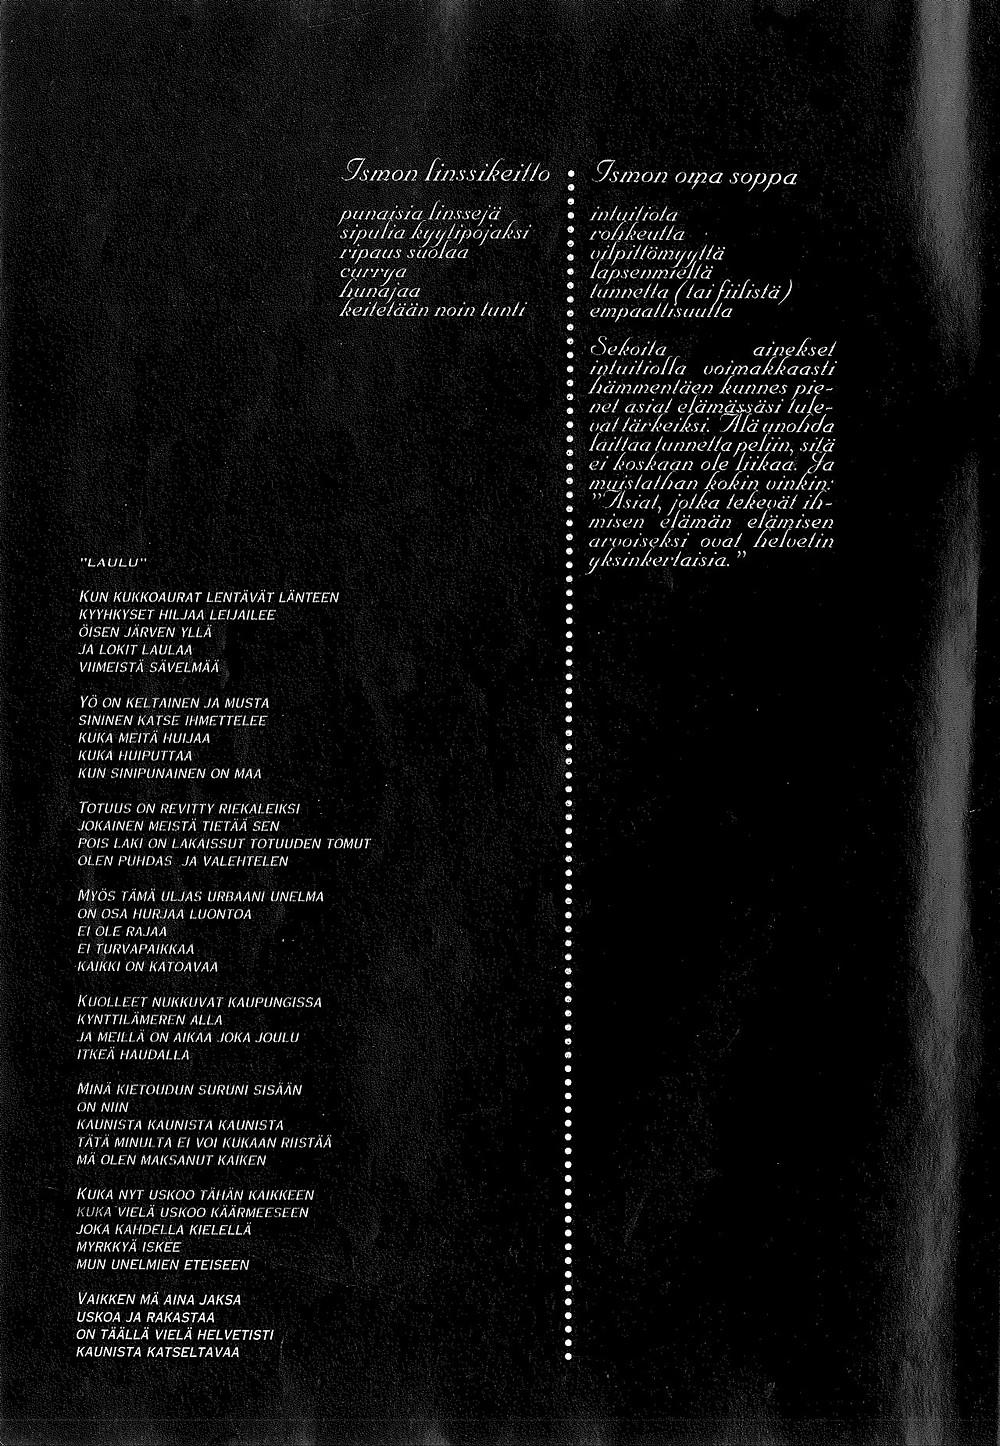 Kuvituskuva. Ismo Alangon Haastattelu Etsijä-lehdessä vuonna 1993. Sivu 8.